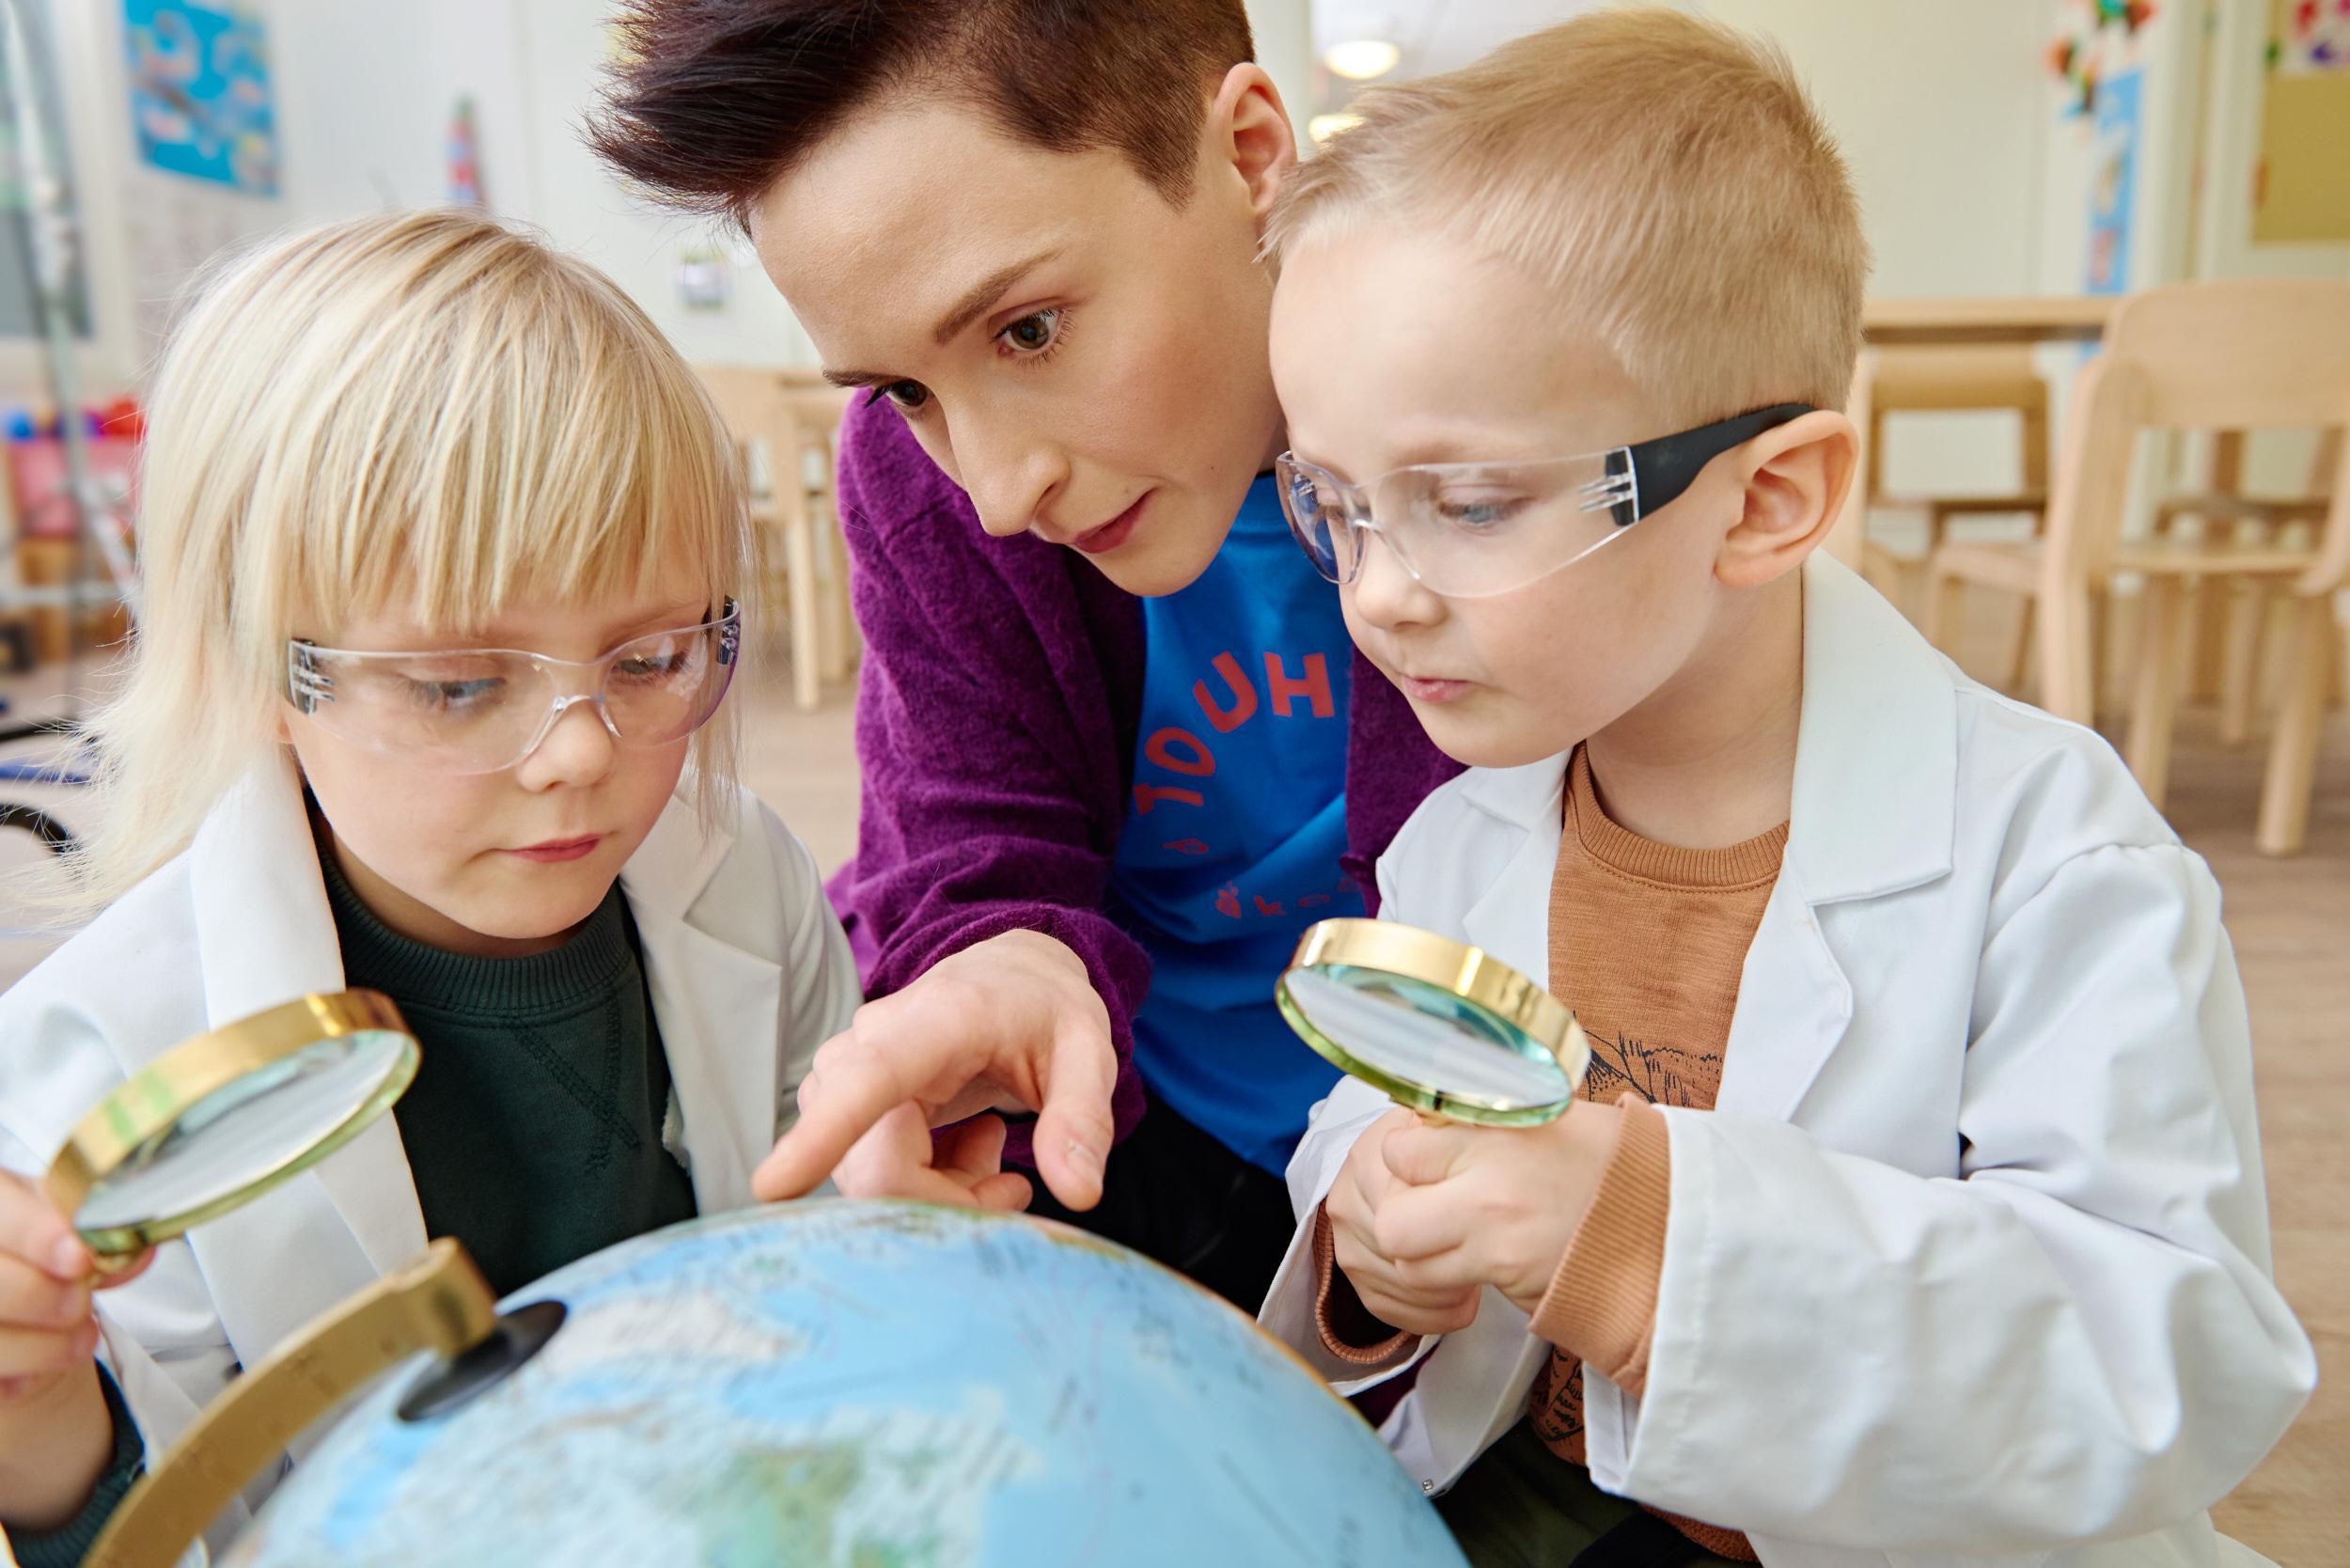 lapset ja lastenhoitaja tutkivat karttapalloa suurennuslaseilla